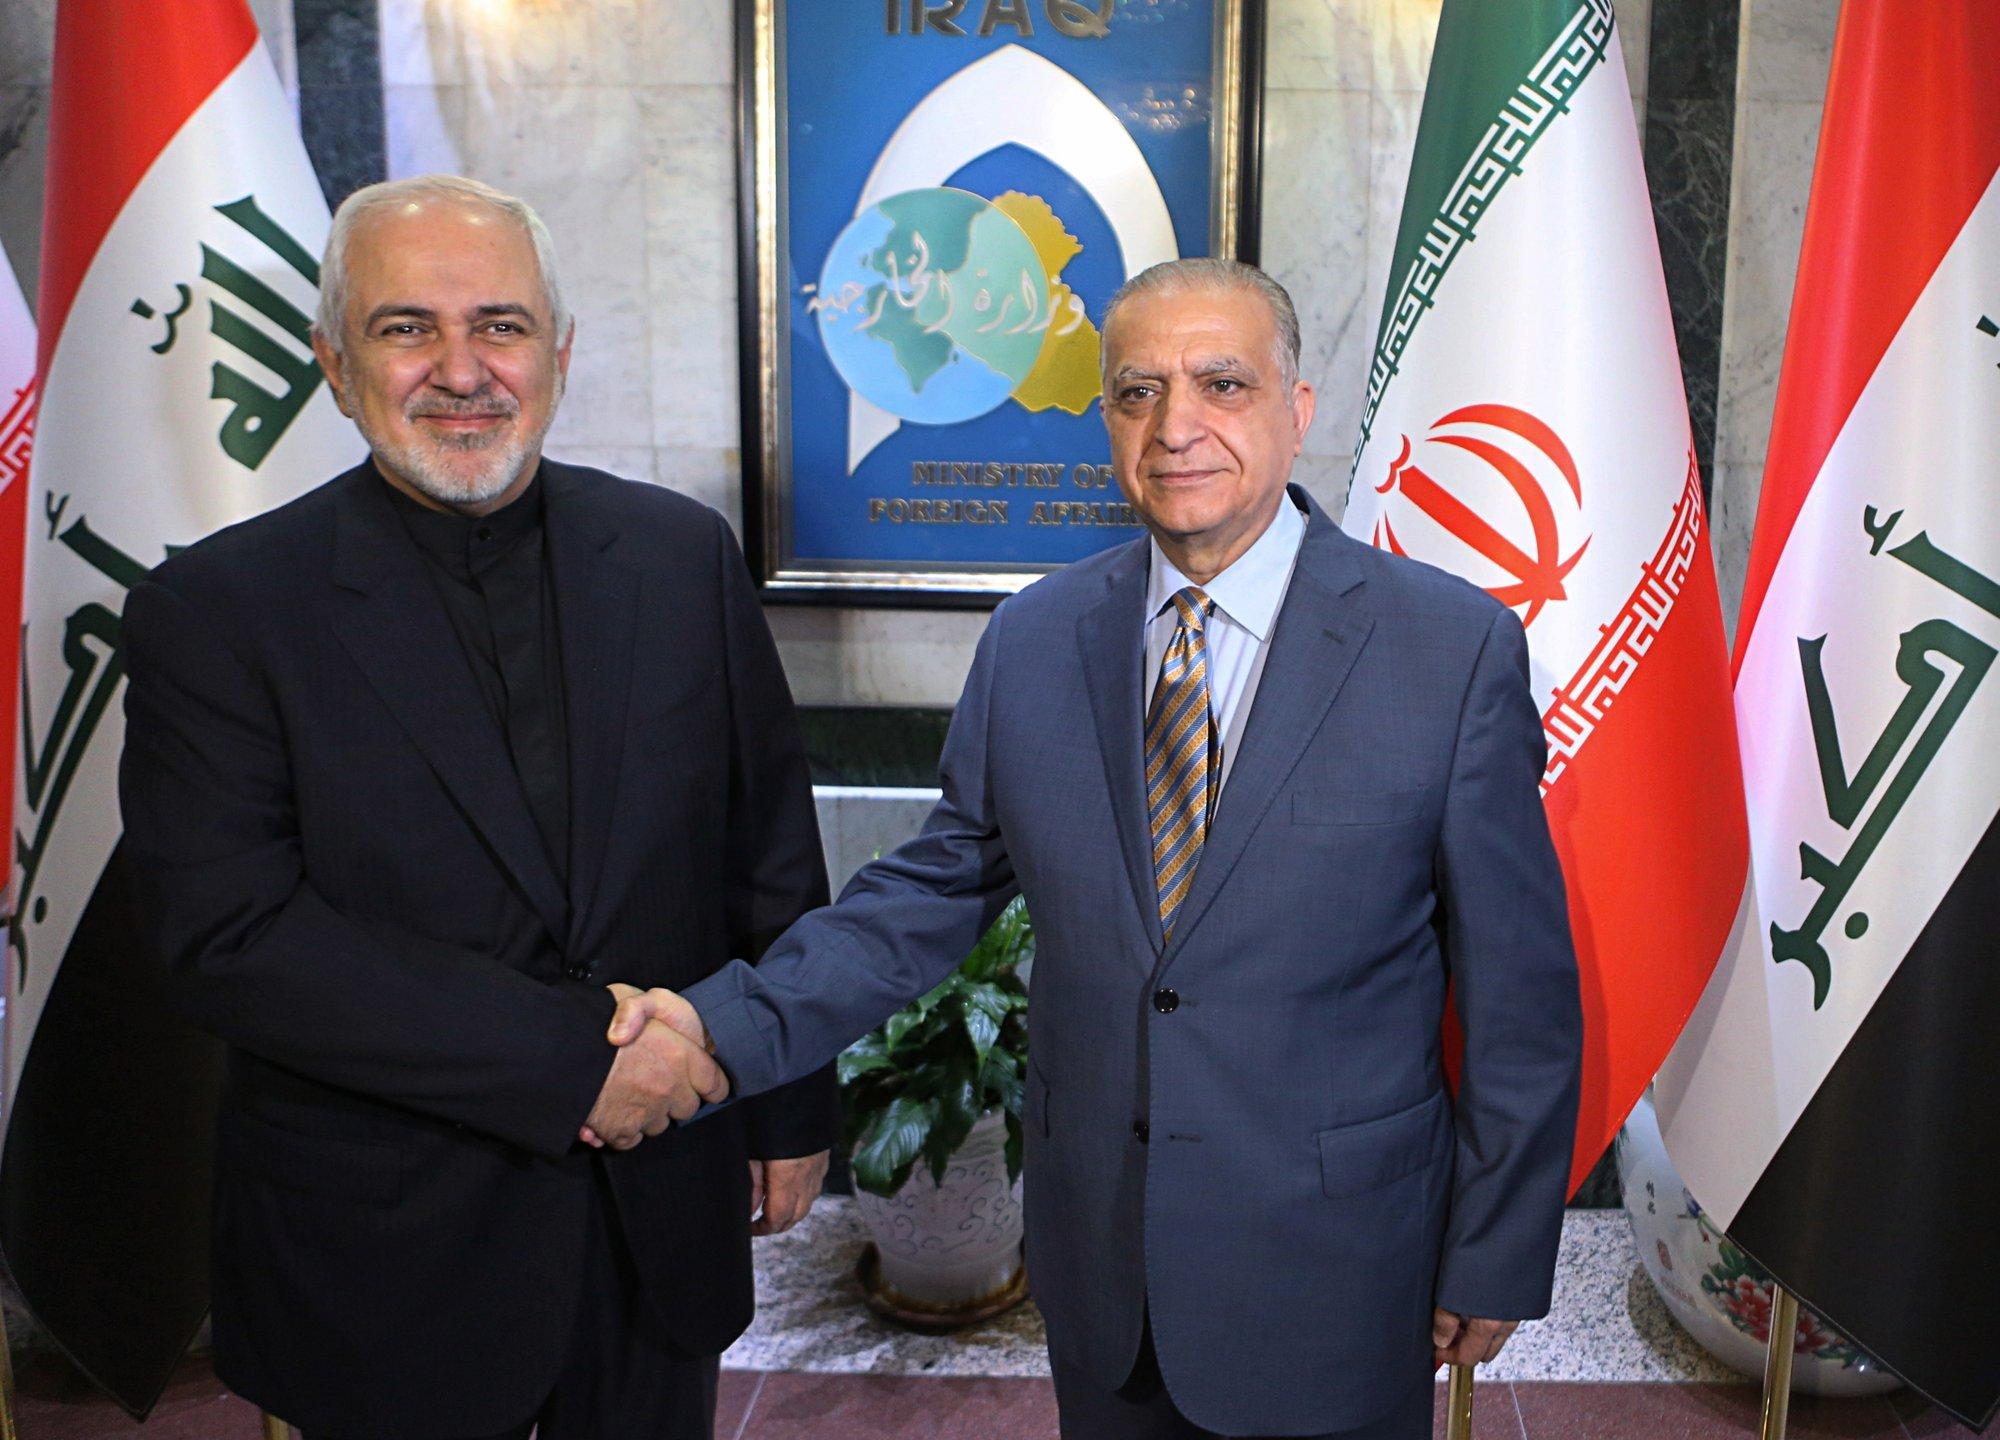 โมฮัมหมัด จาวัด ซารีฟ รัฐมนตรีต่างประเทศของอิหร่าน (คนซ้าย) จับมือกับ โมฮัมเหม็ด อัล – ฮาคิม  รัฐมนตรีต่างประเทศของอิรัก (คนขวา) ขณะทำการแถลงข่าวร่วมกัน